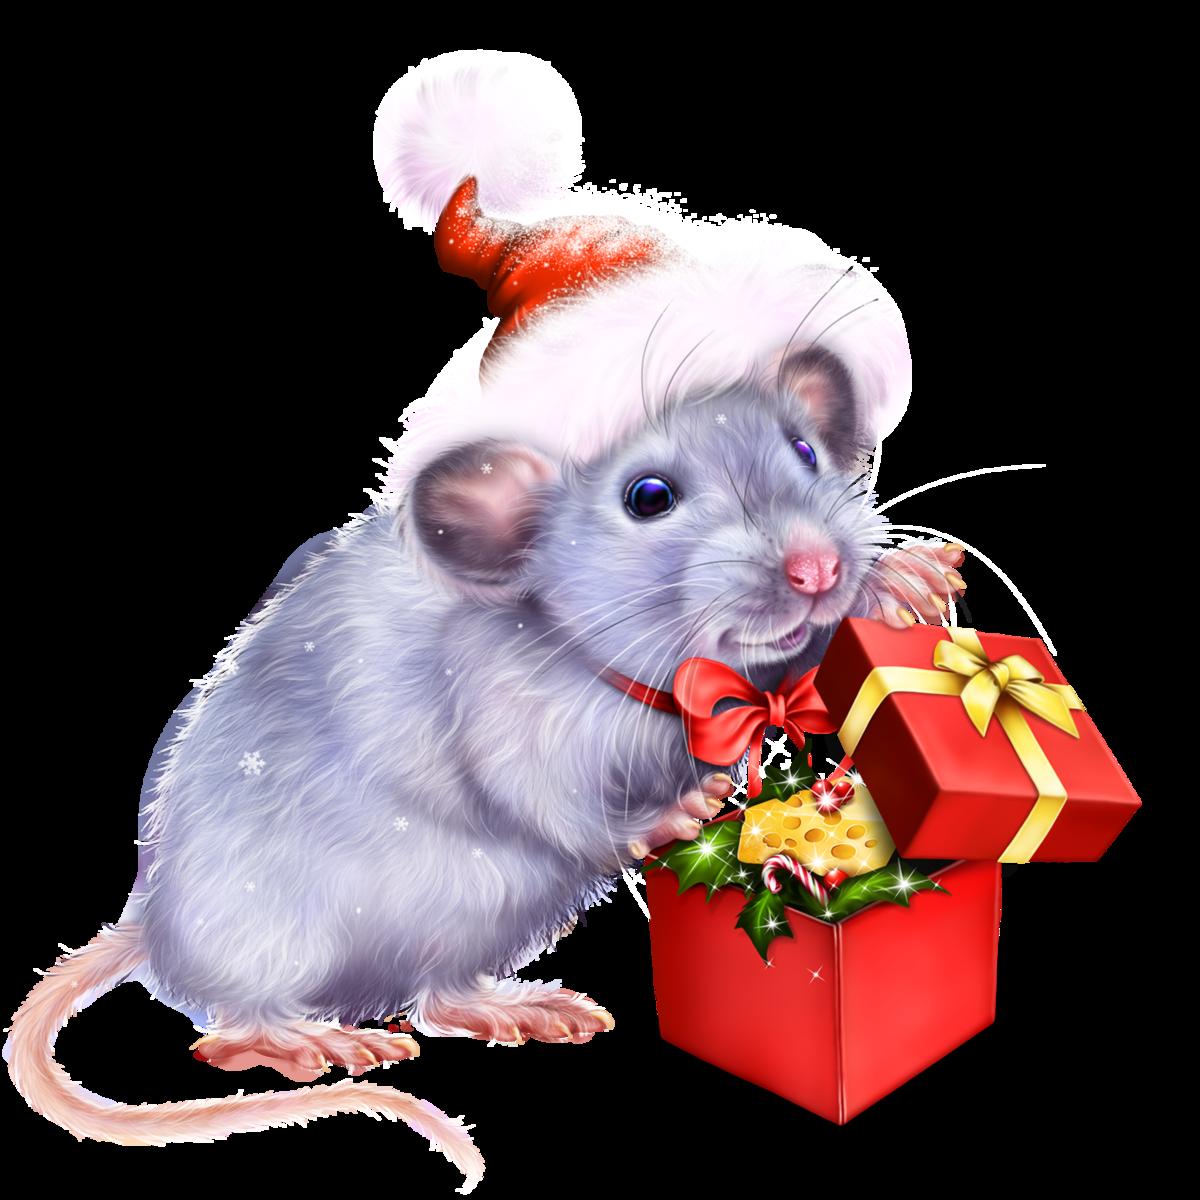 пространства, красивые картинки с крысами к новому году холле